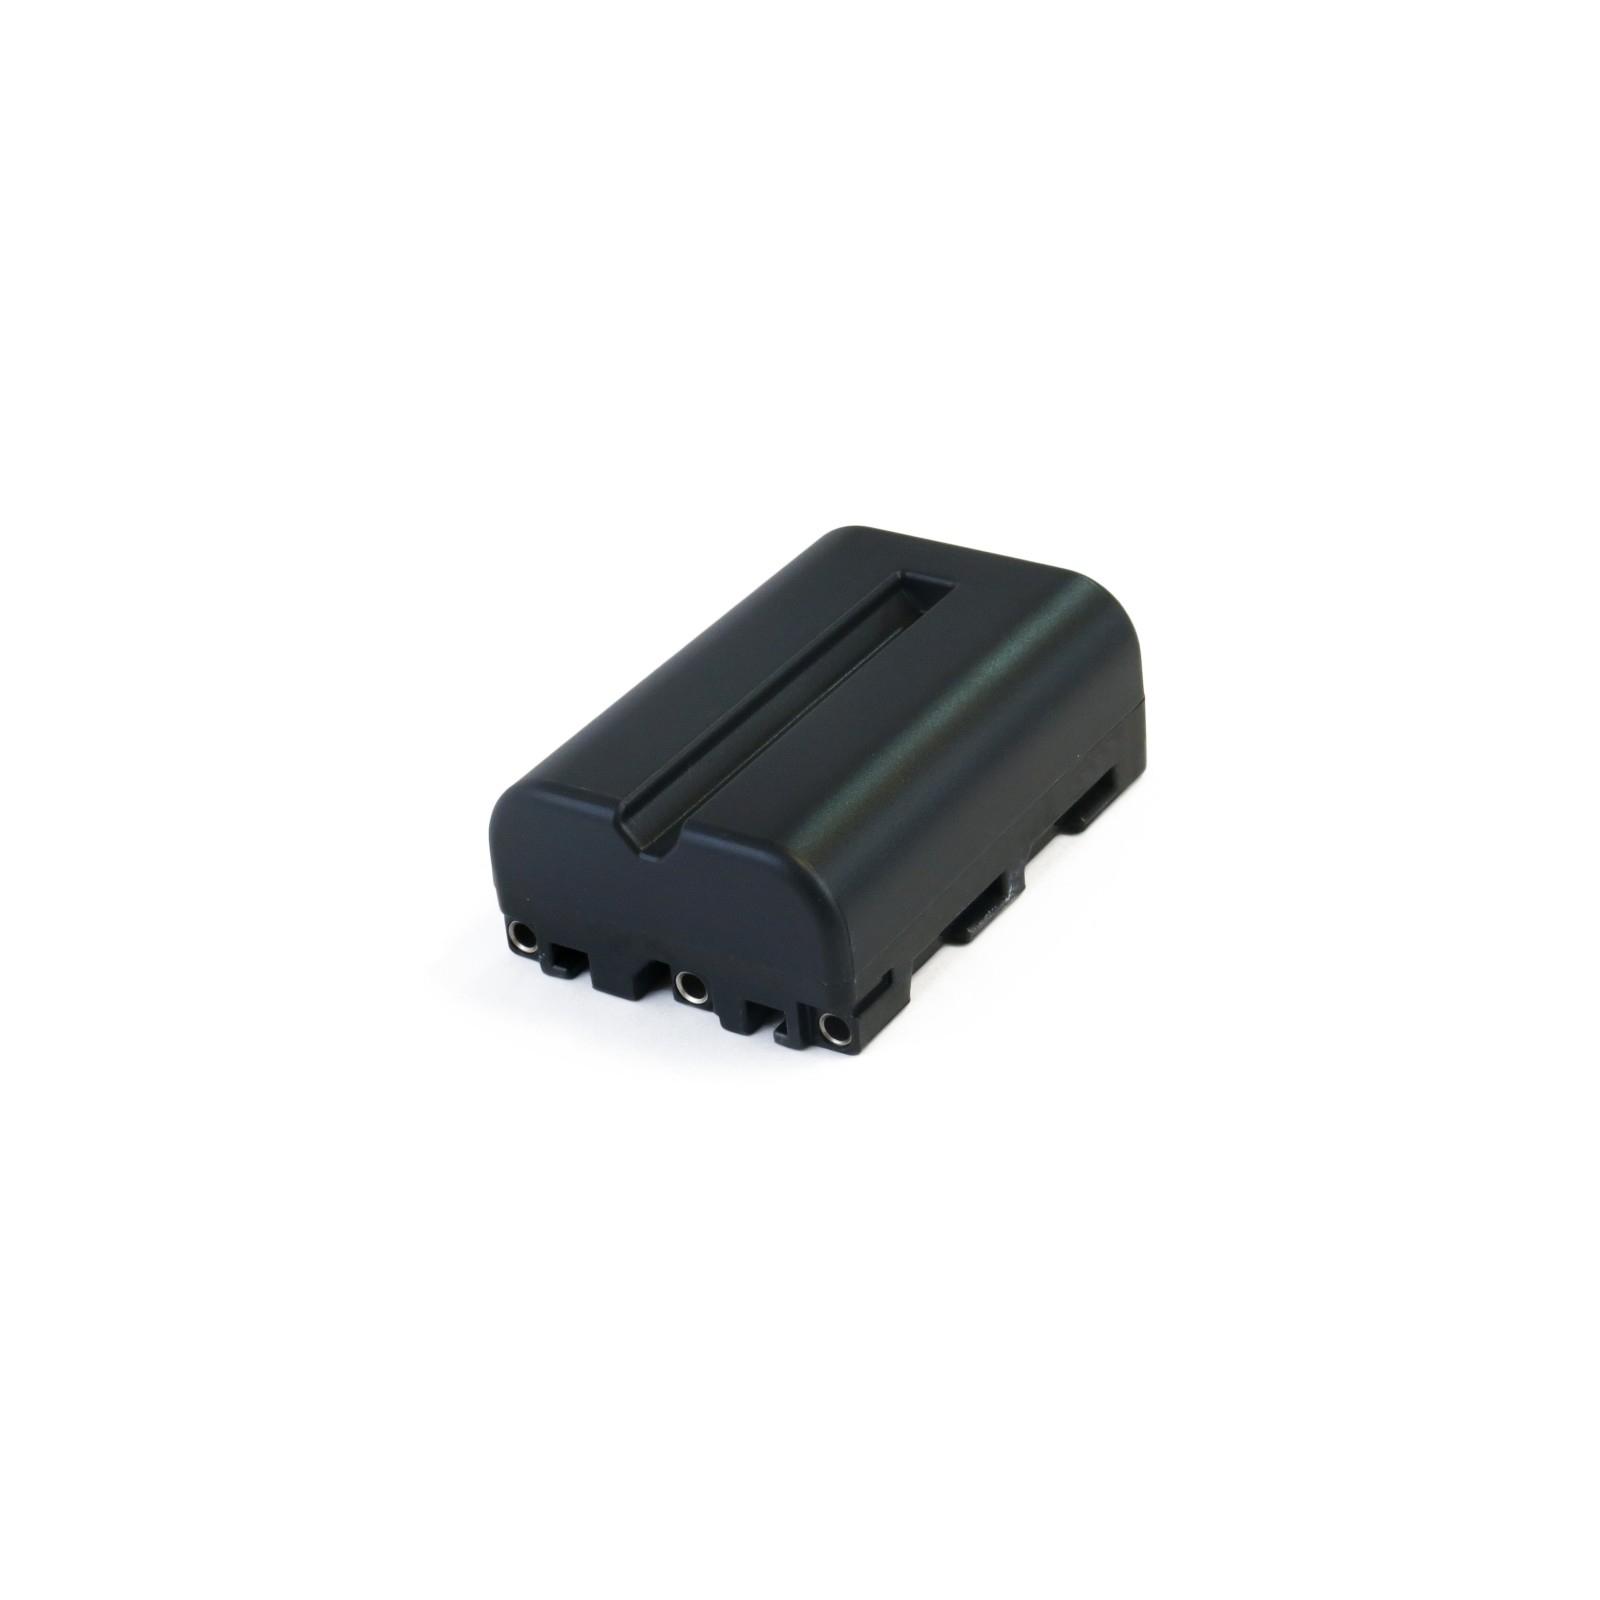 Аккумулятор к фото/видео EXTRADIGITAL Sony NP-FM500H (BDS2664) изображение 4